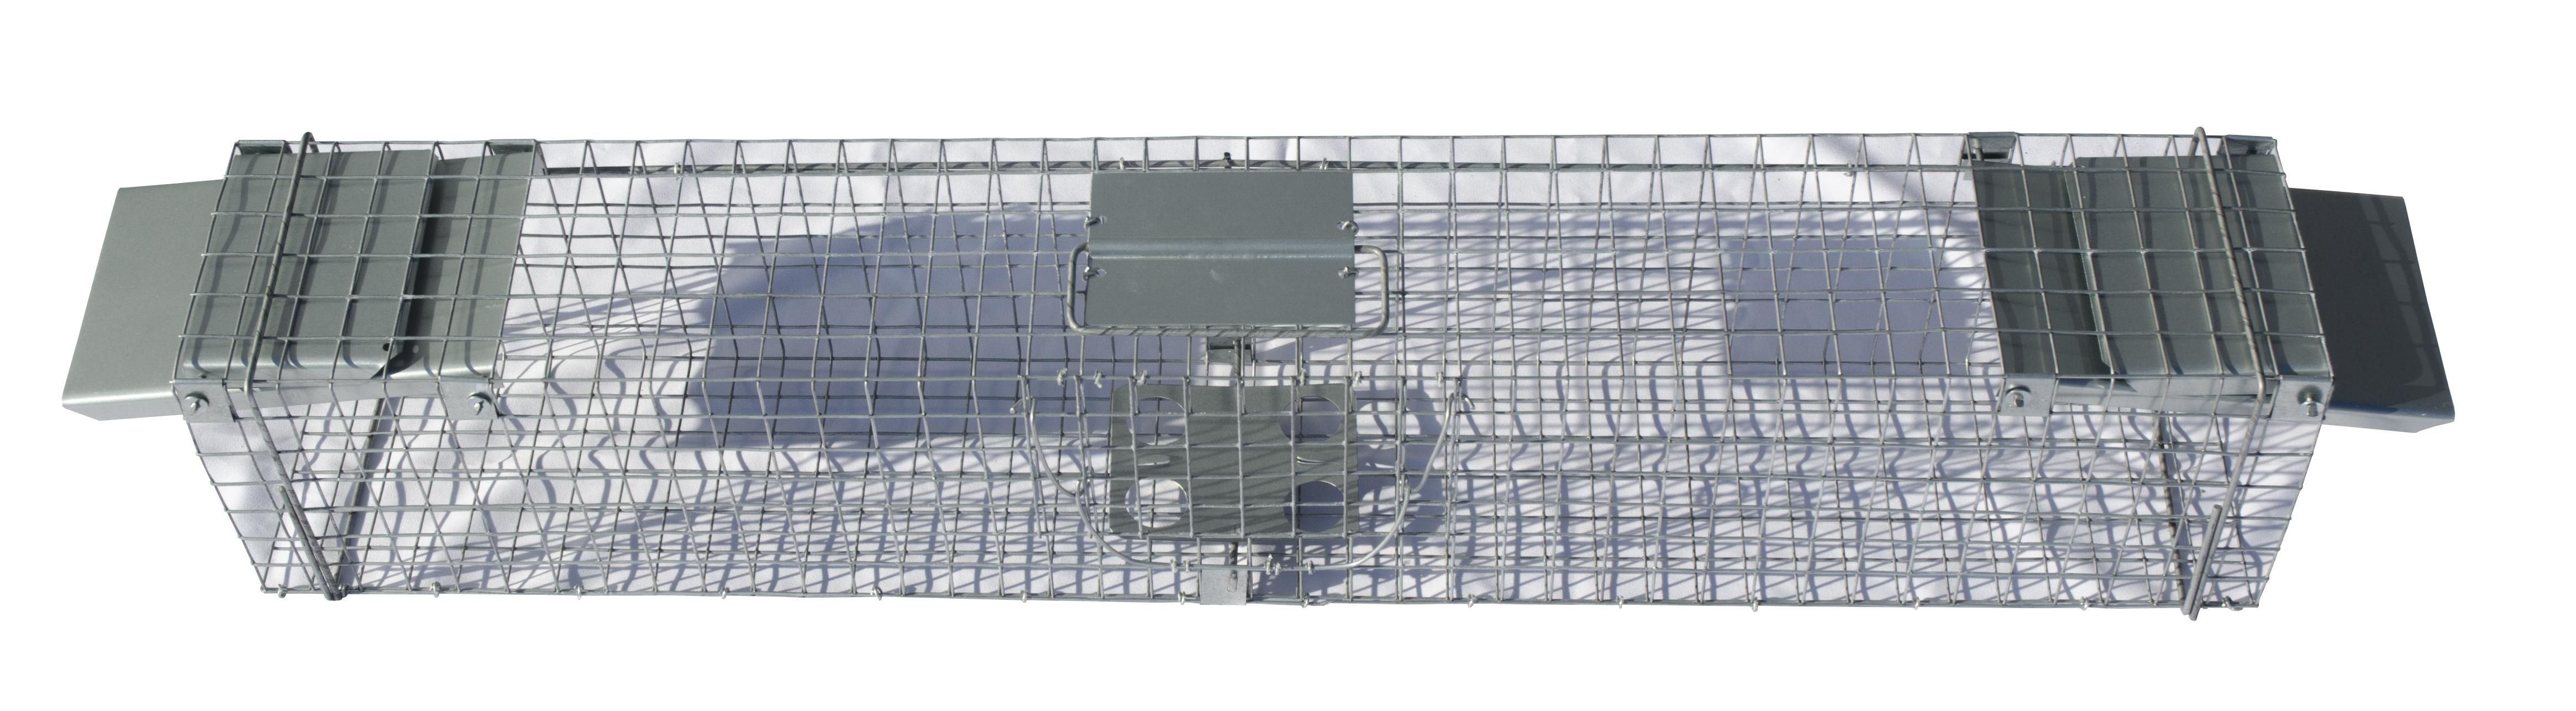 Doorloopval rat, marter, bunzing 102x17x20cm